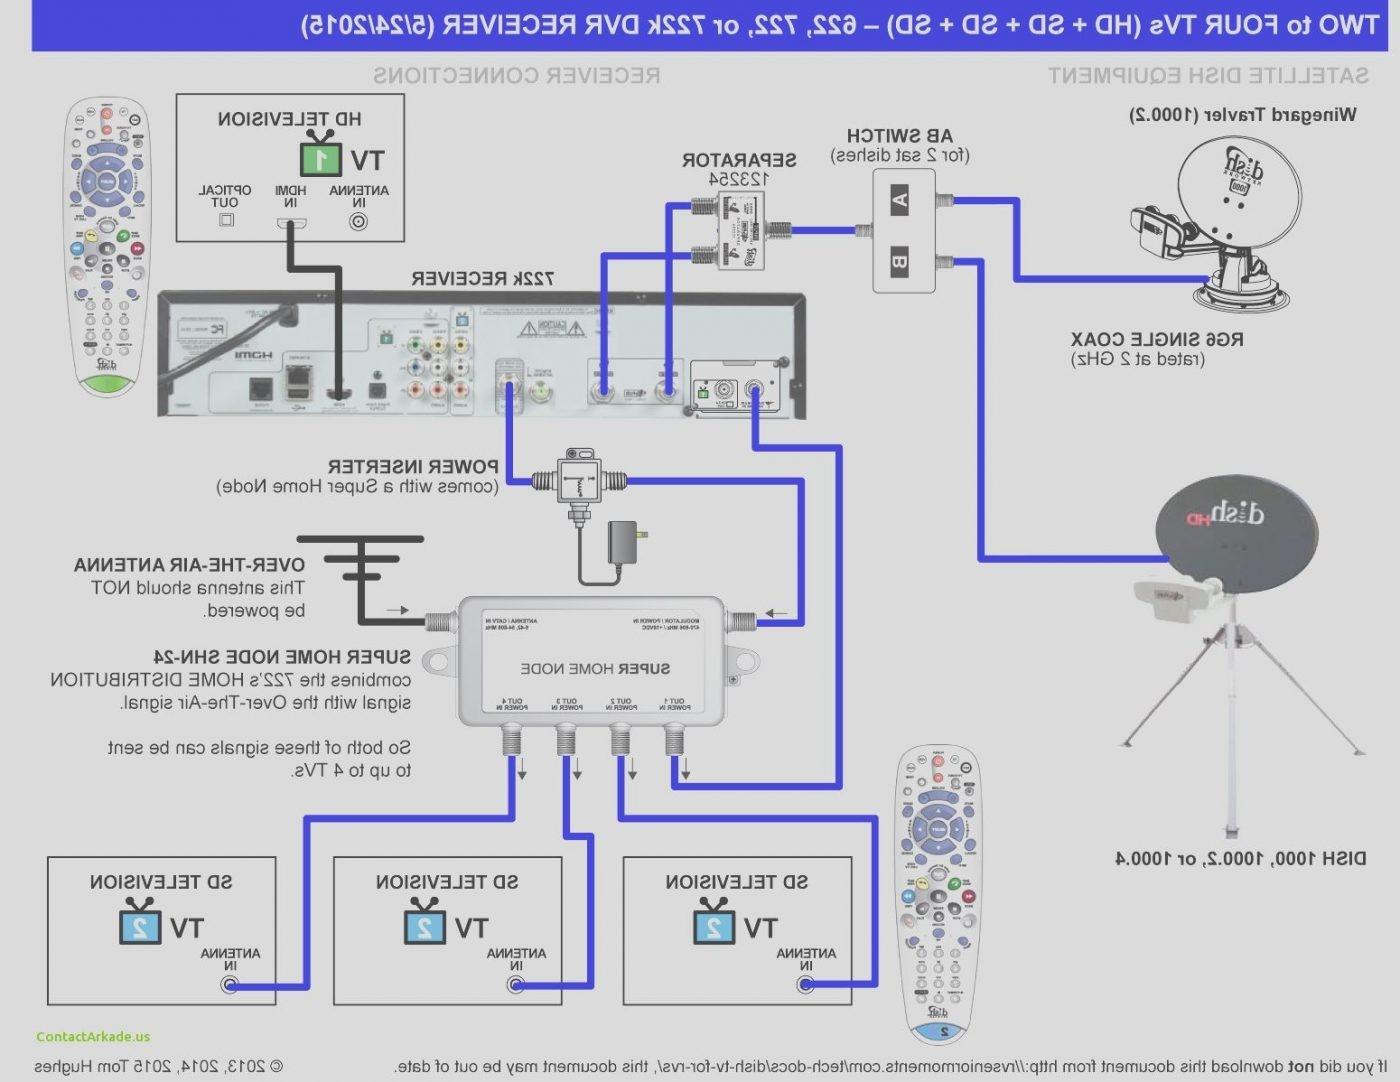 wiring schematic of dish